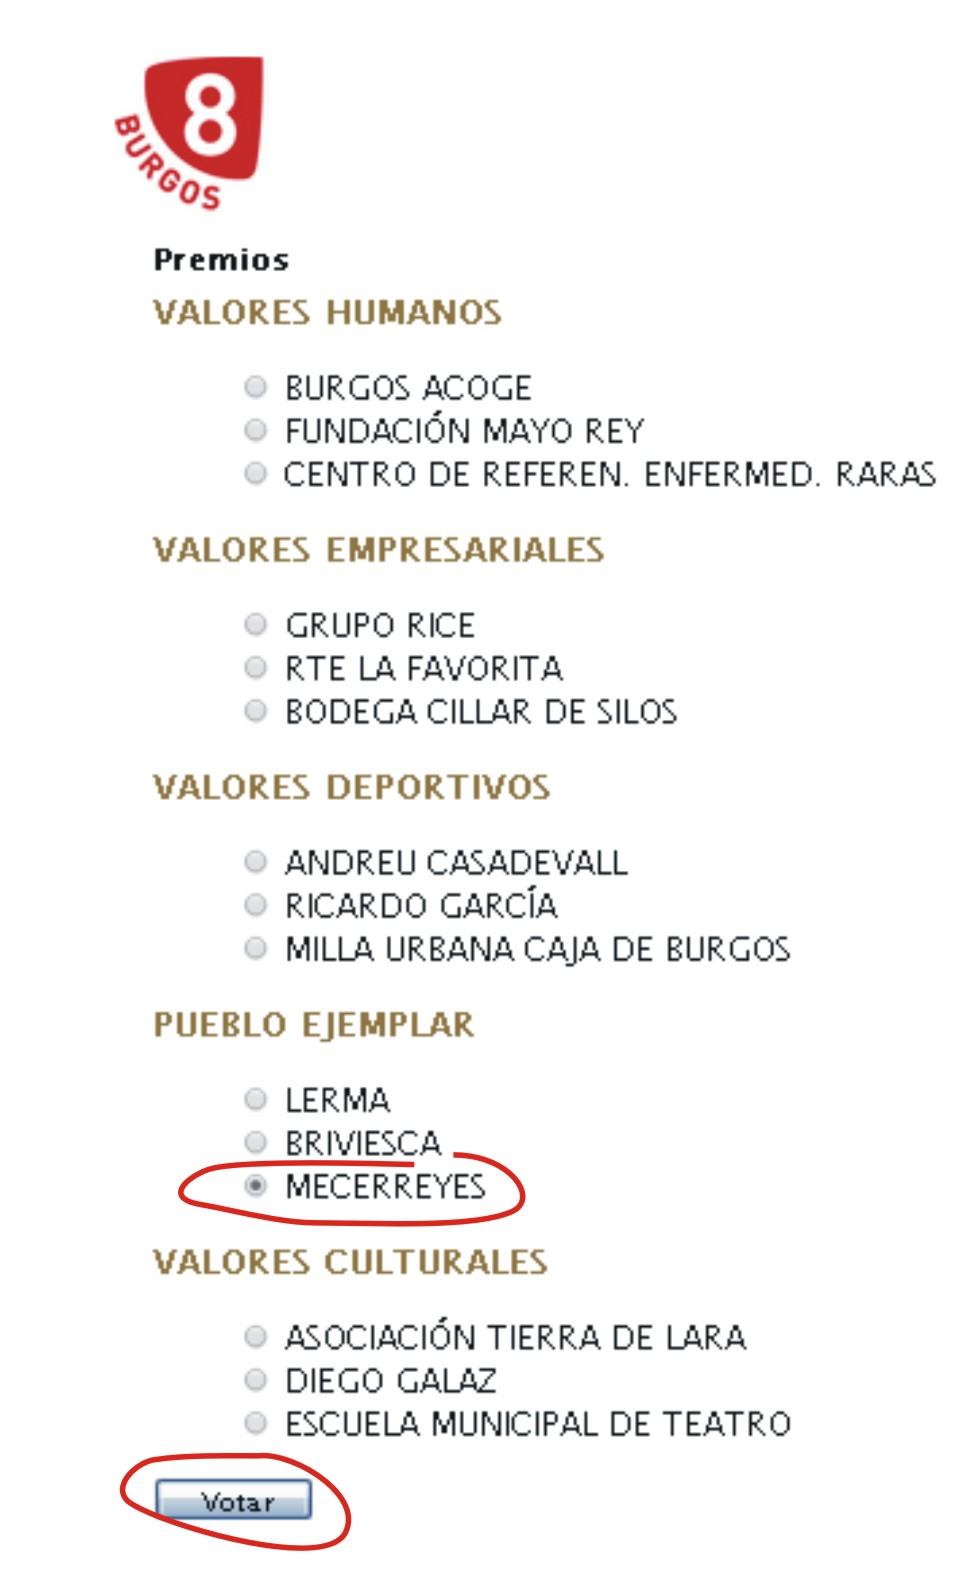 Pueblo ejemplar 2013: Mecerreyes